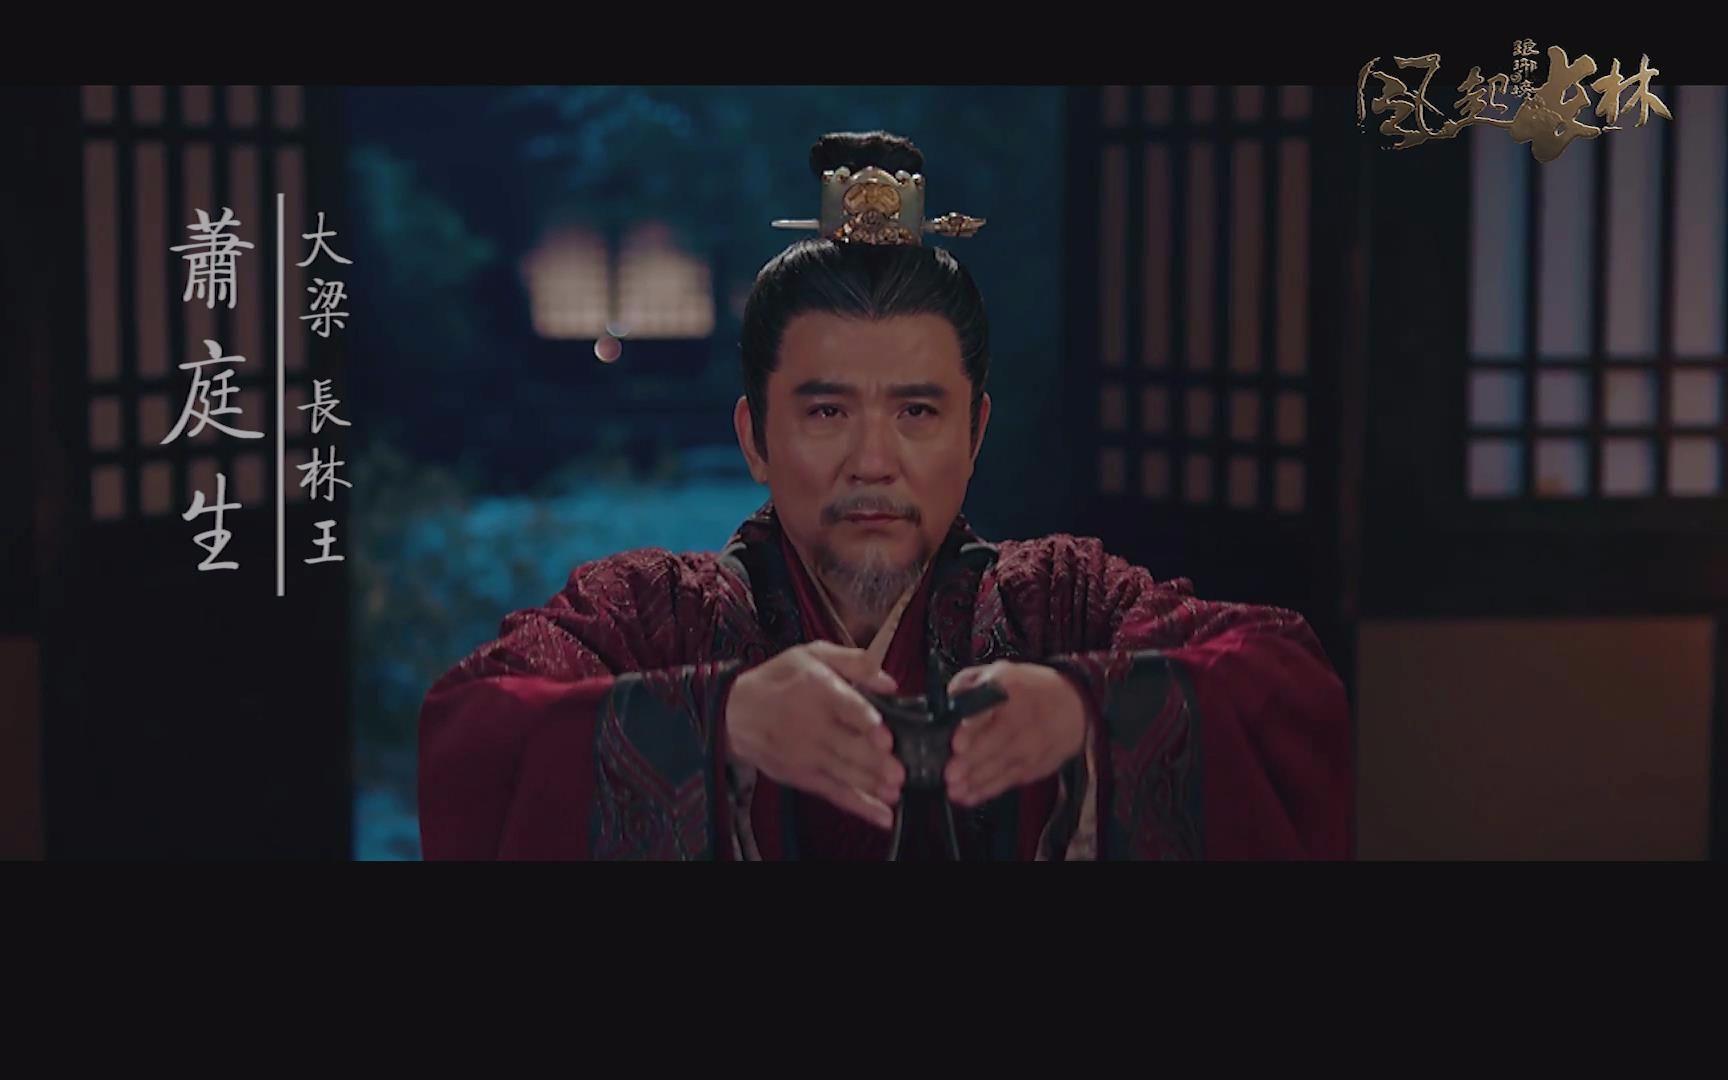 【长林王萧庭生个人向】故人长绝图片